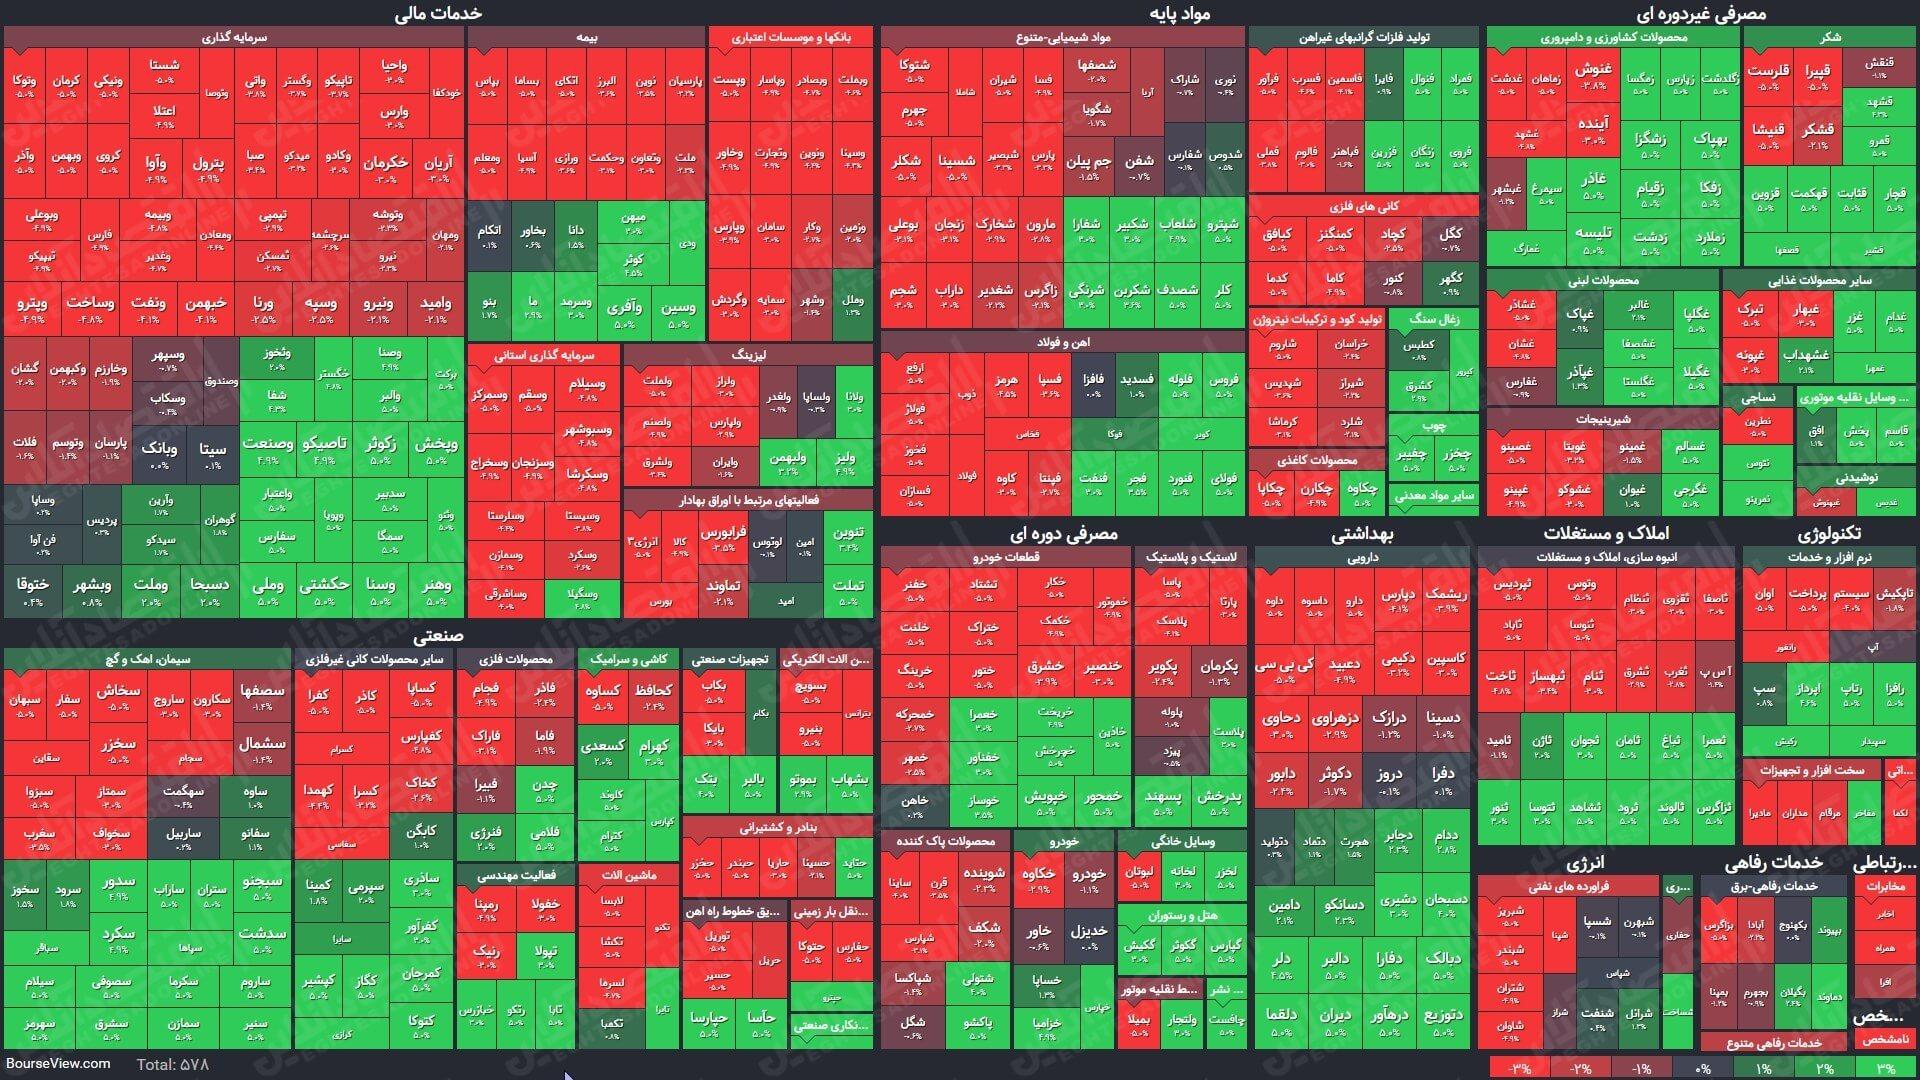 نقشه پایانی بازار